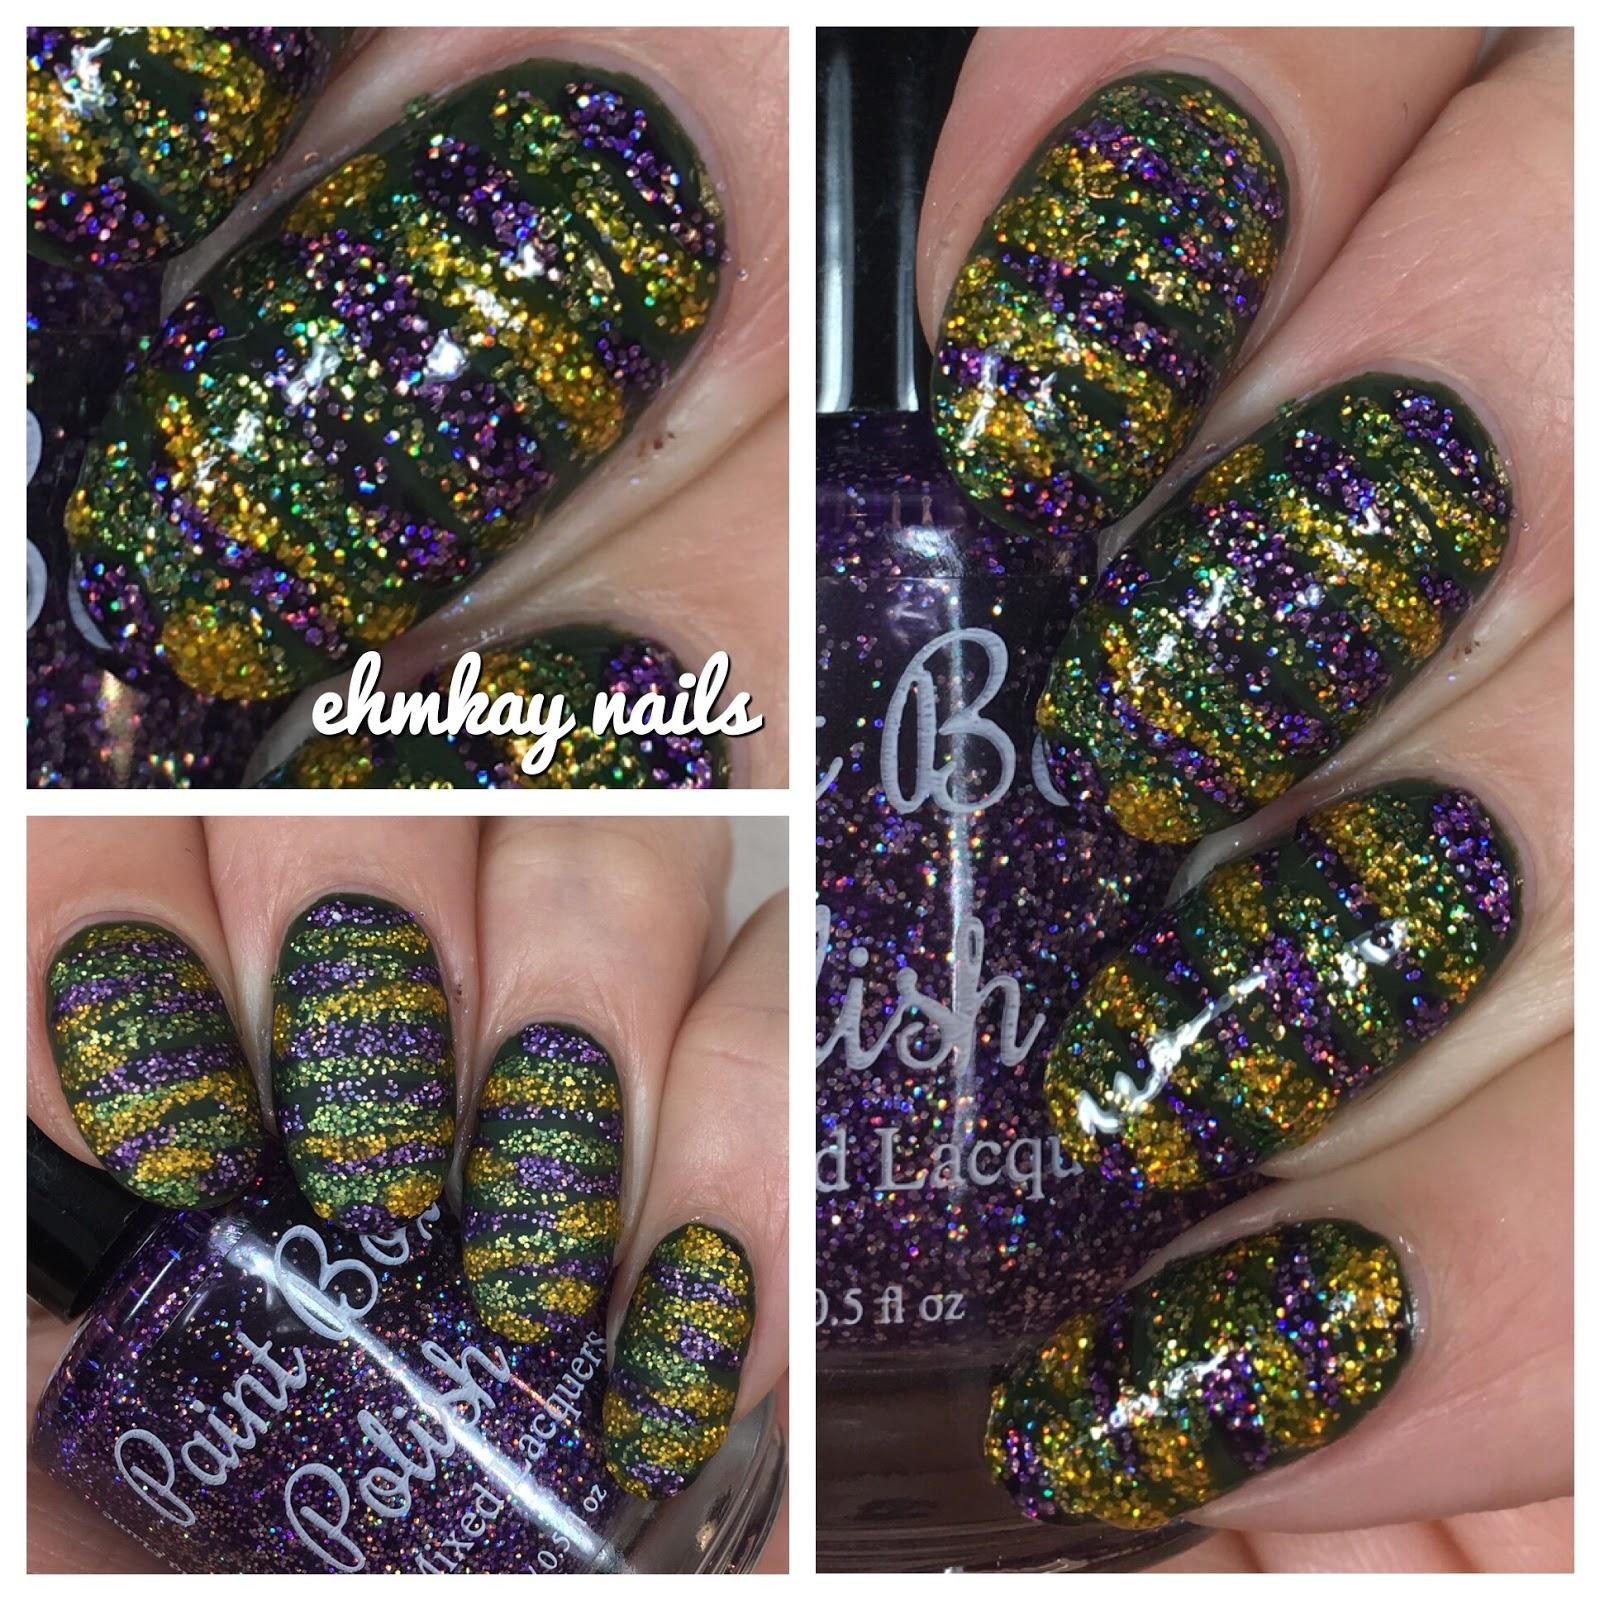 ehmkay nails: Mardi Gras Nail Art: Mardi Gras Stripes Microglitter ...